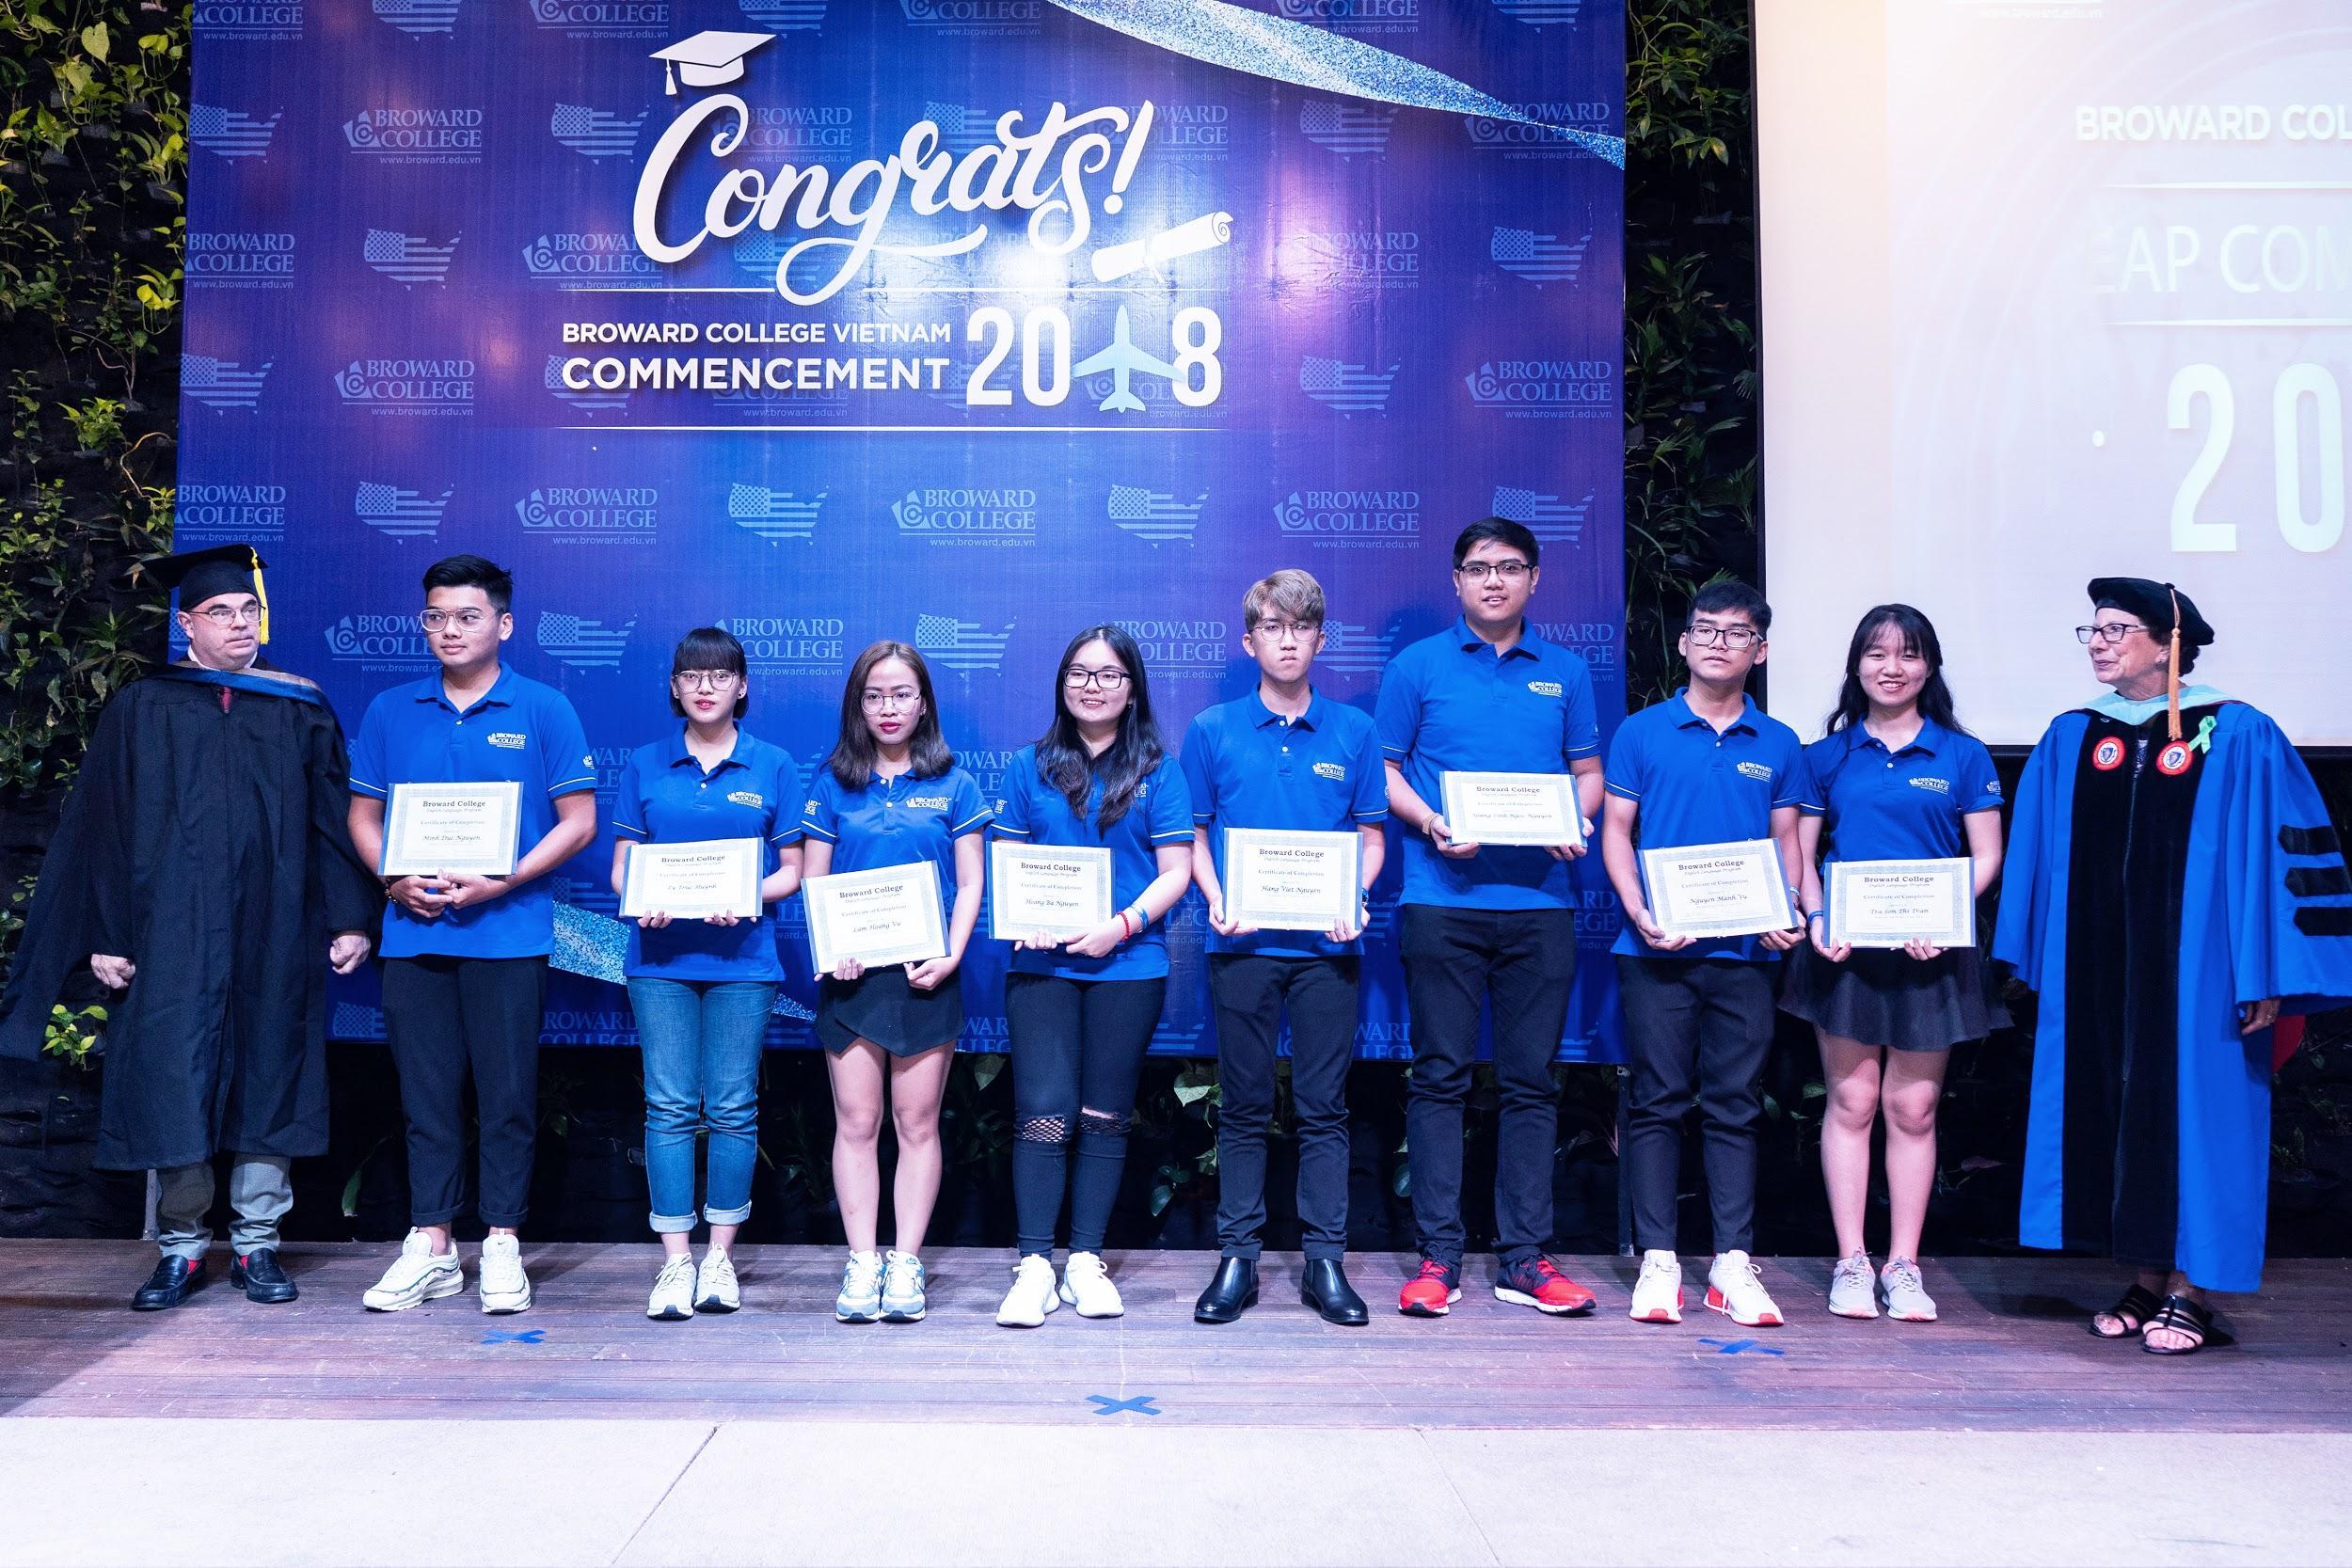 Sự khởi đầu đầy hứng khởi tại Broward College Vietnam - Ảnh 6.